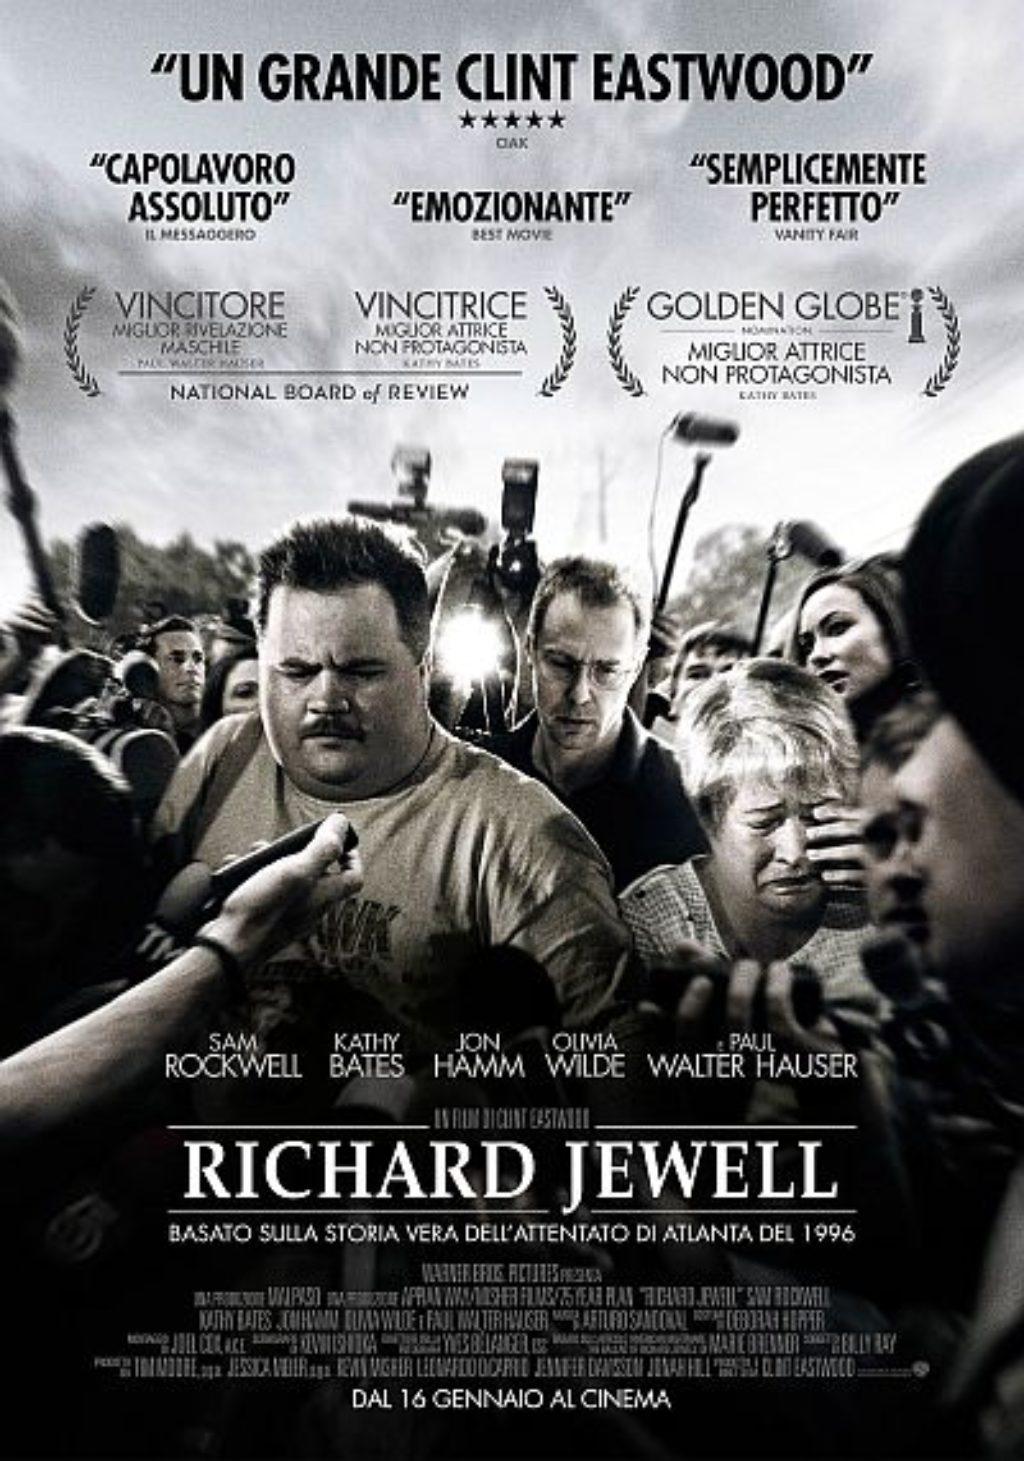 richardjewell_big